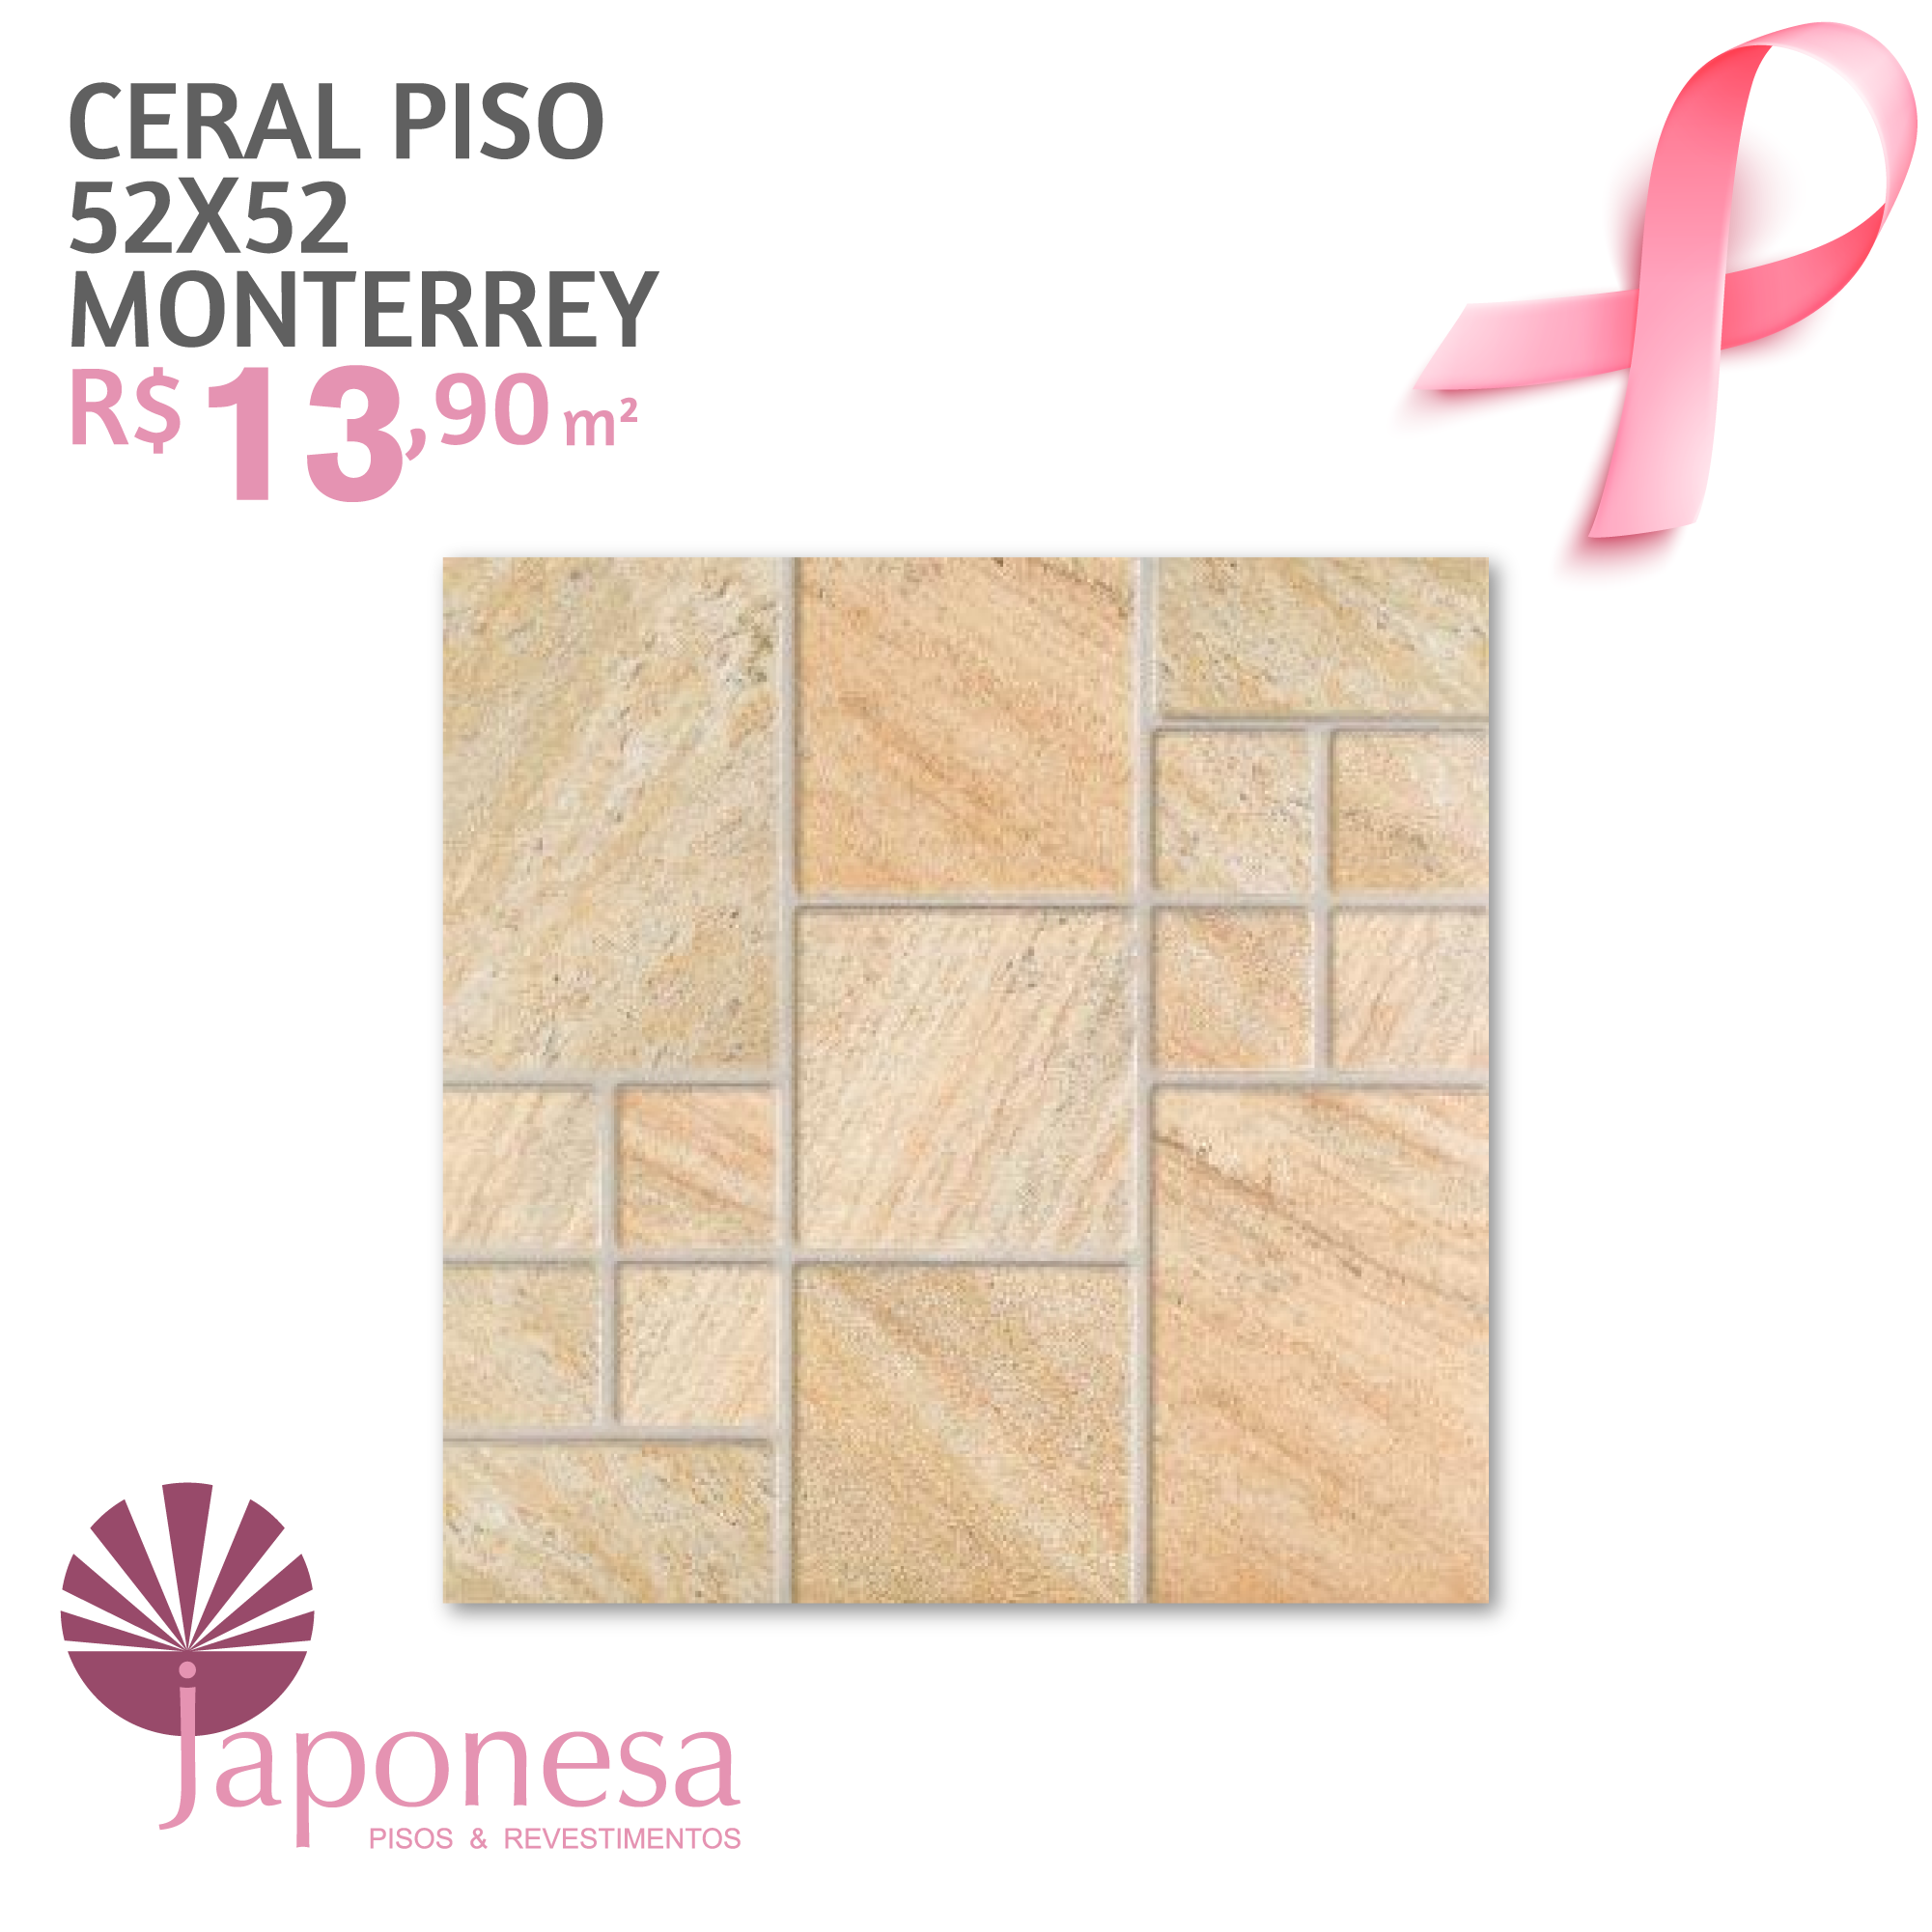 Ceral Piso 52×52 Monterrey